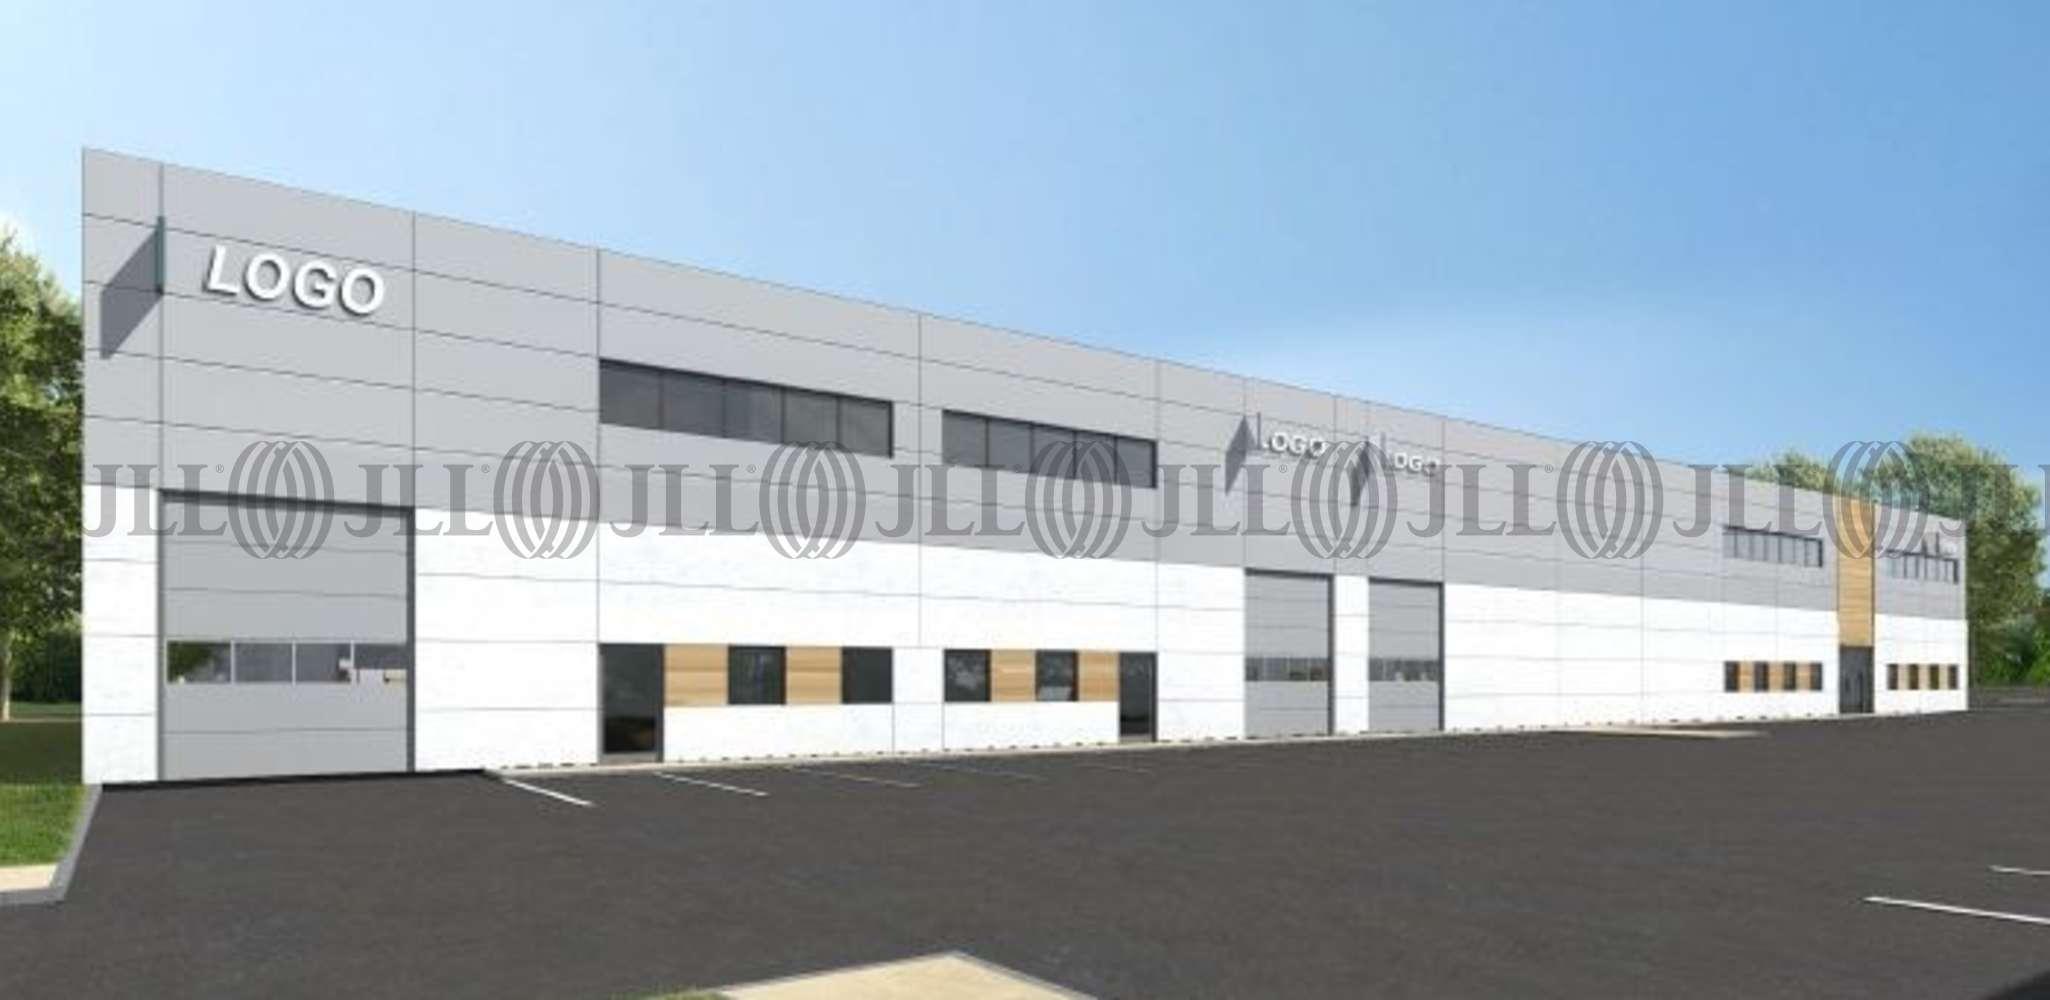 Activités/entrepôt Neuville sur oise, 95000